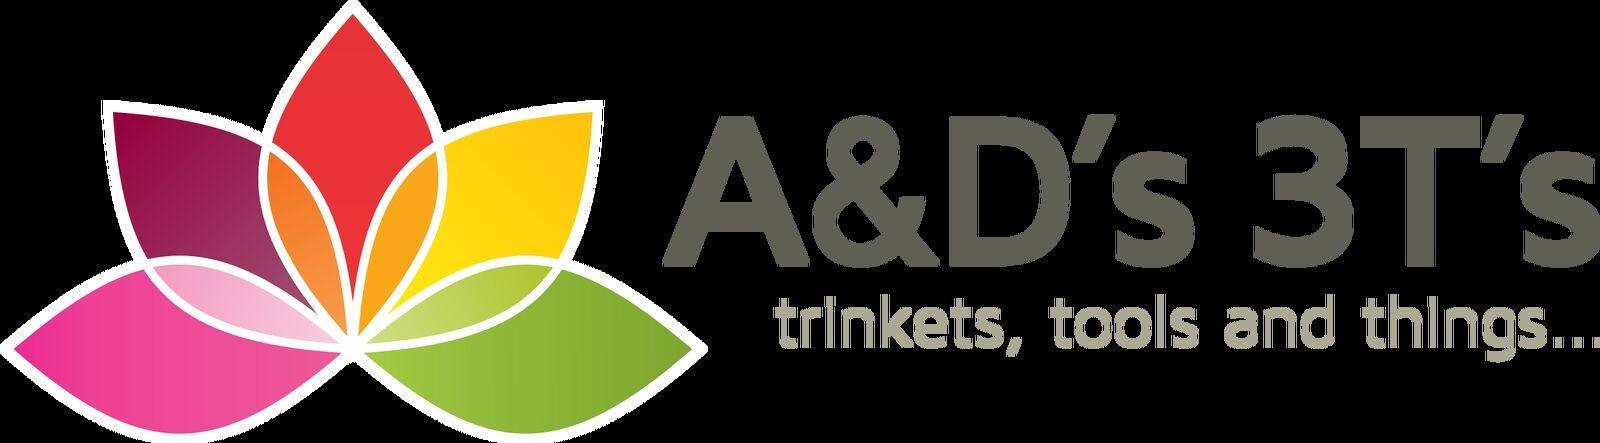 A & D s 3 T s